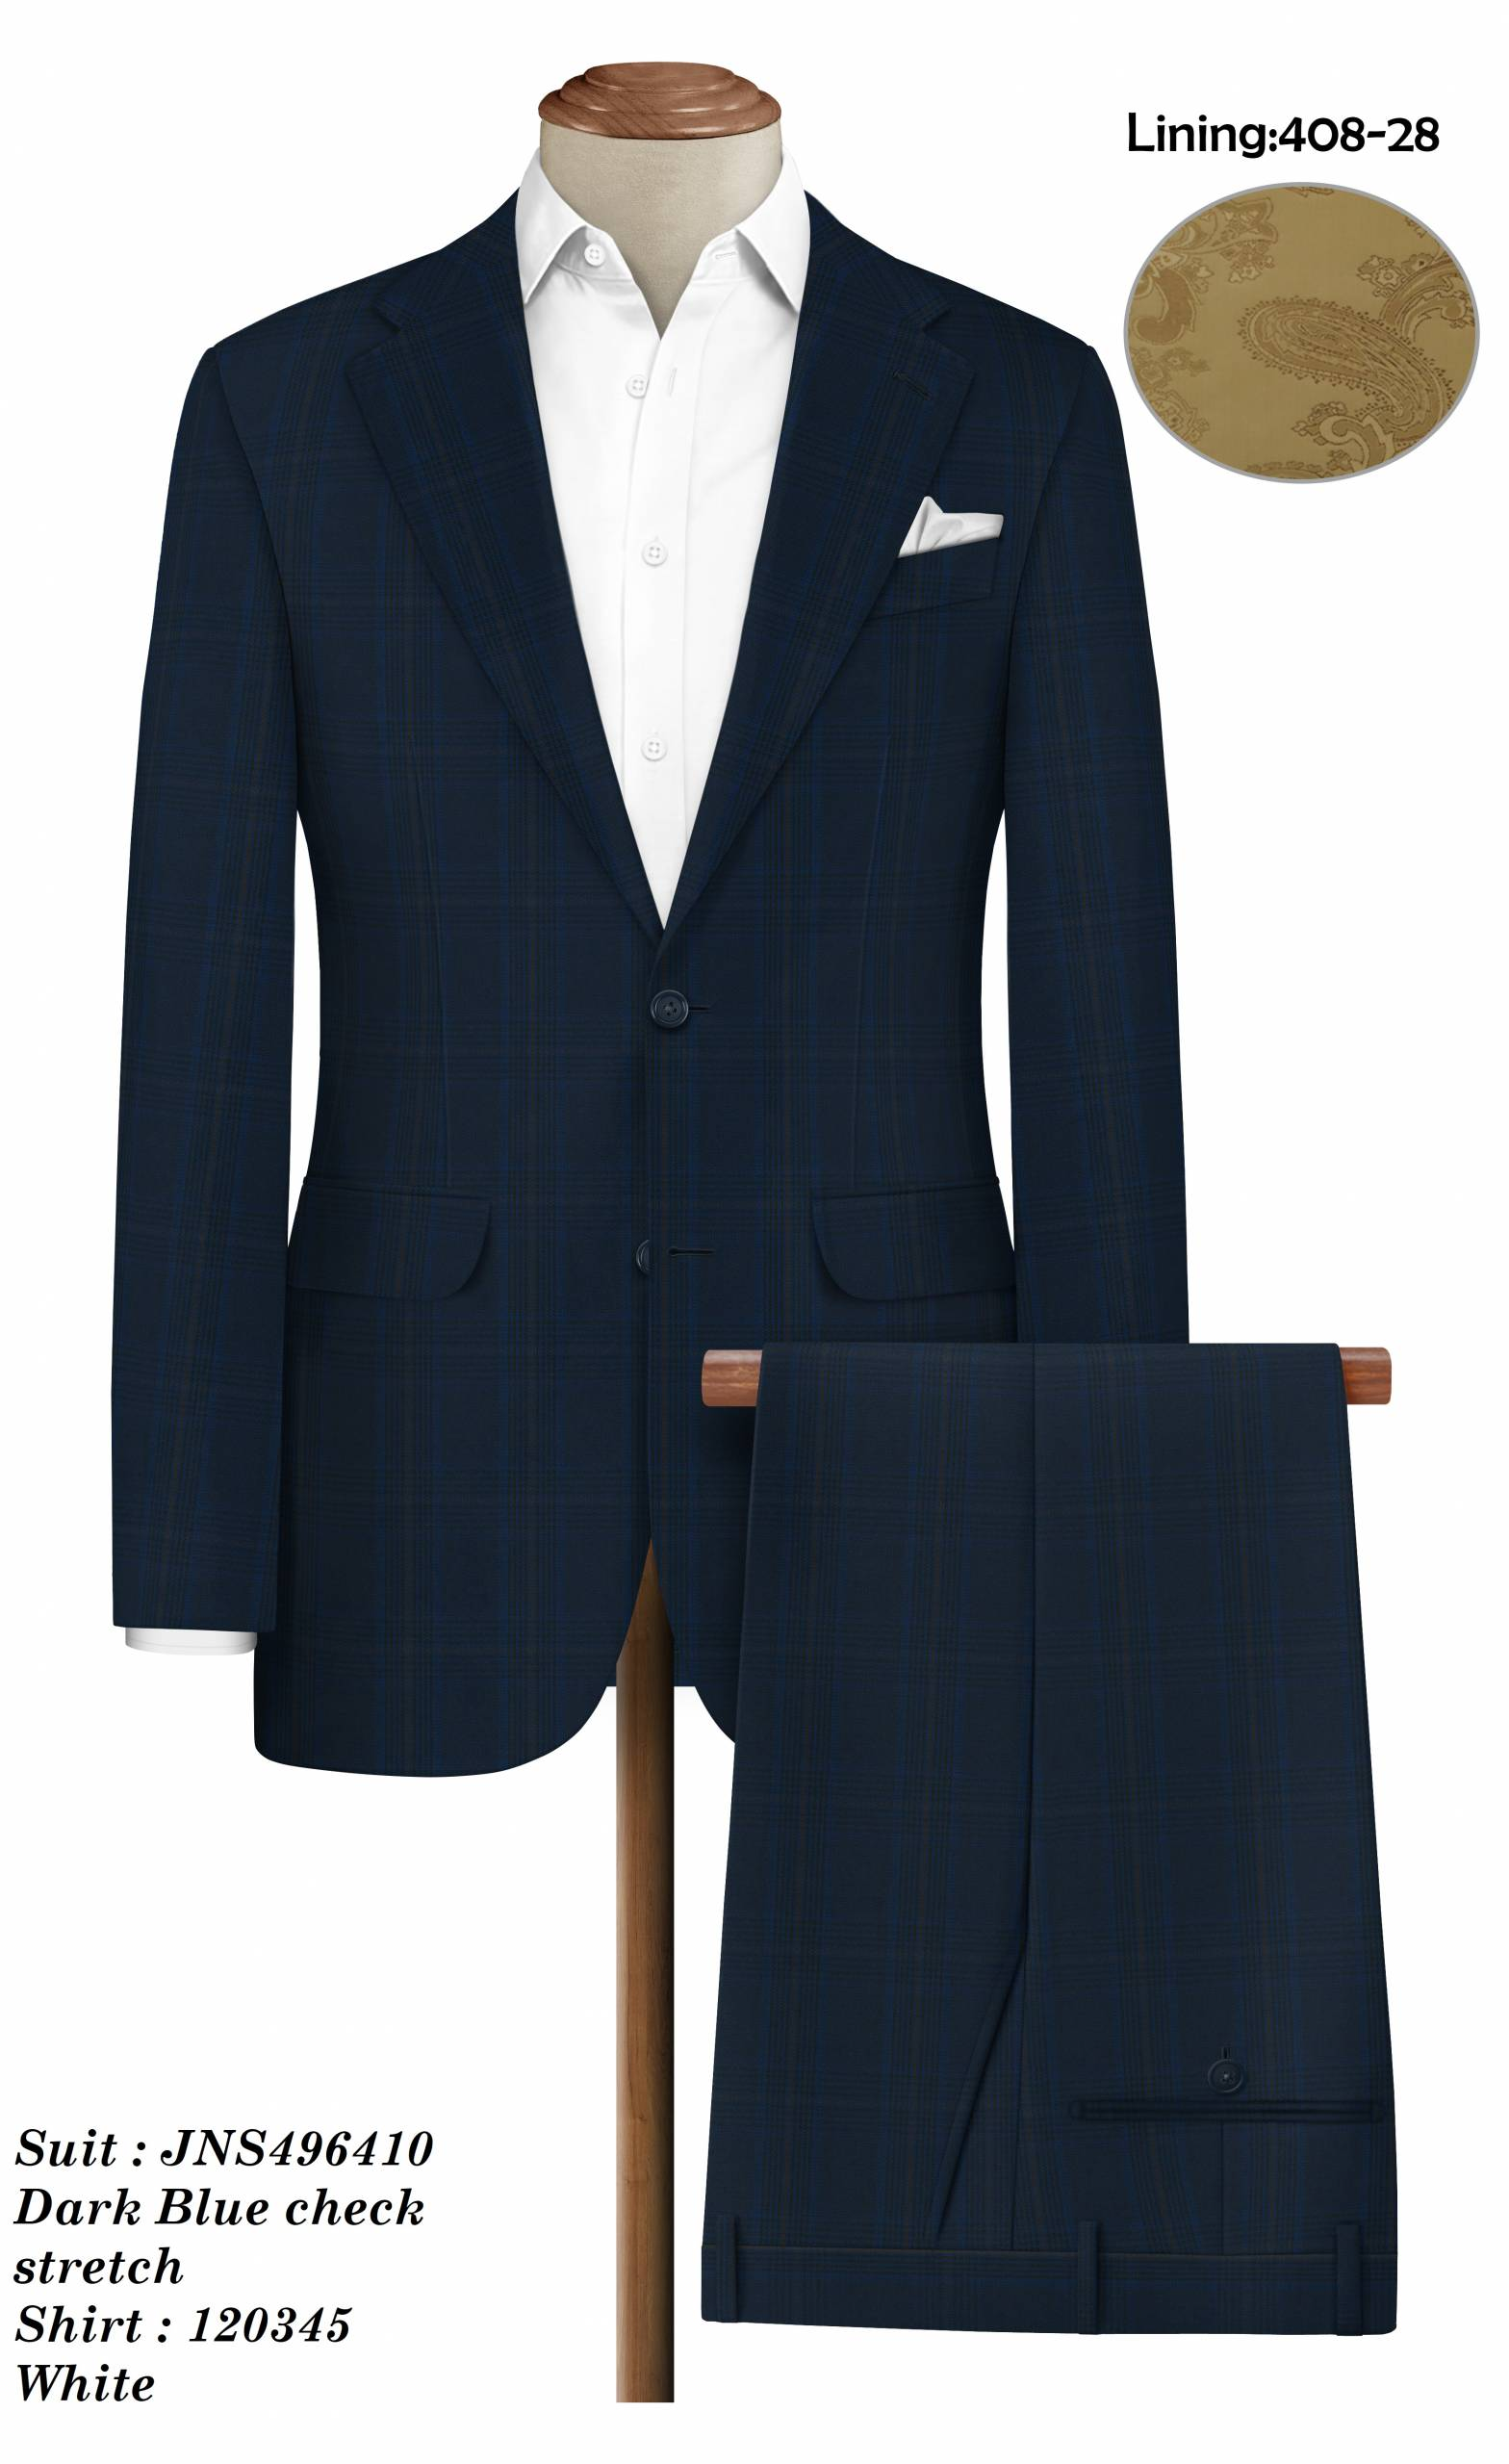 (95) JNS496410-suit